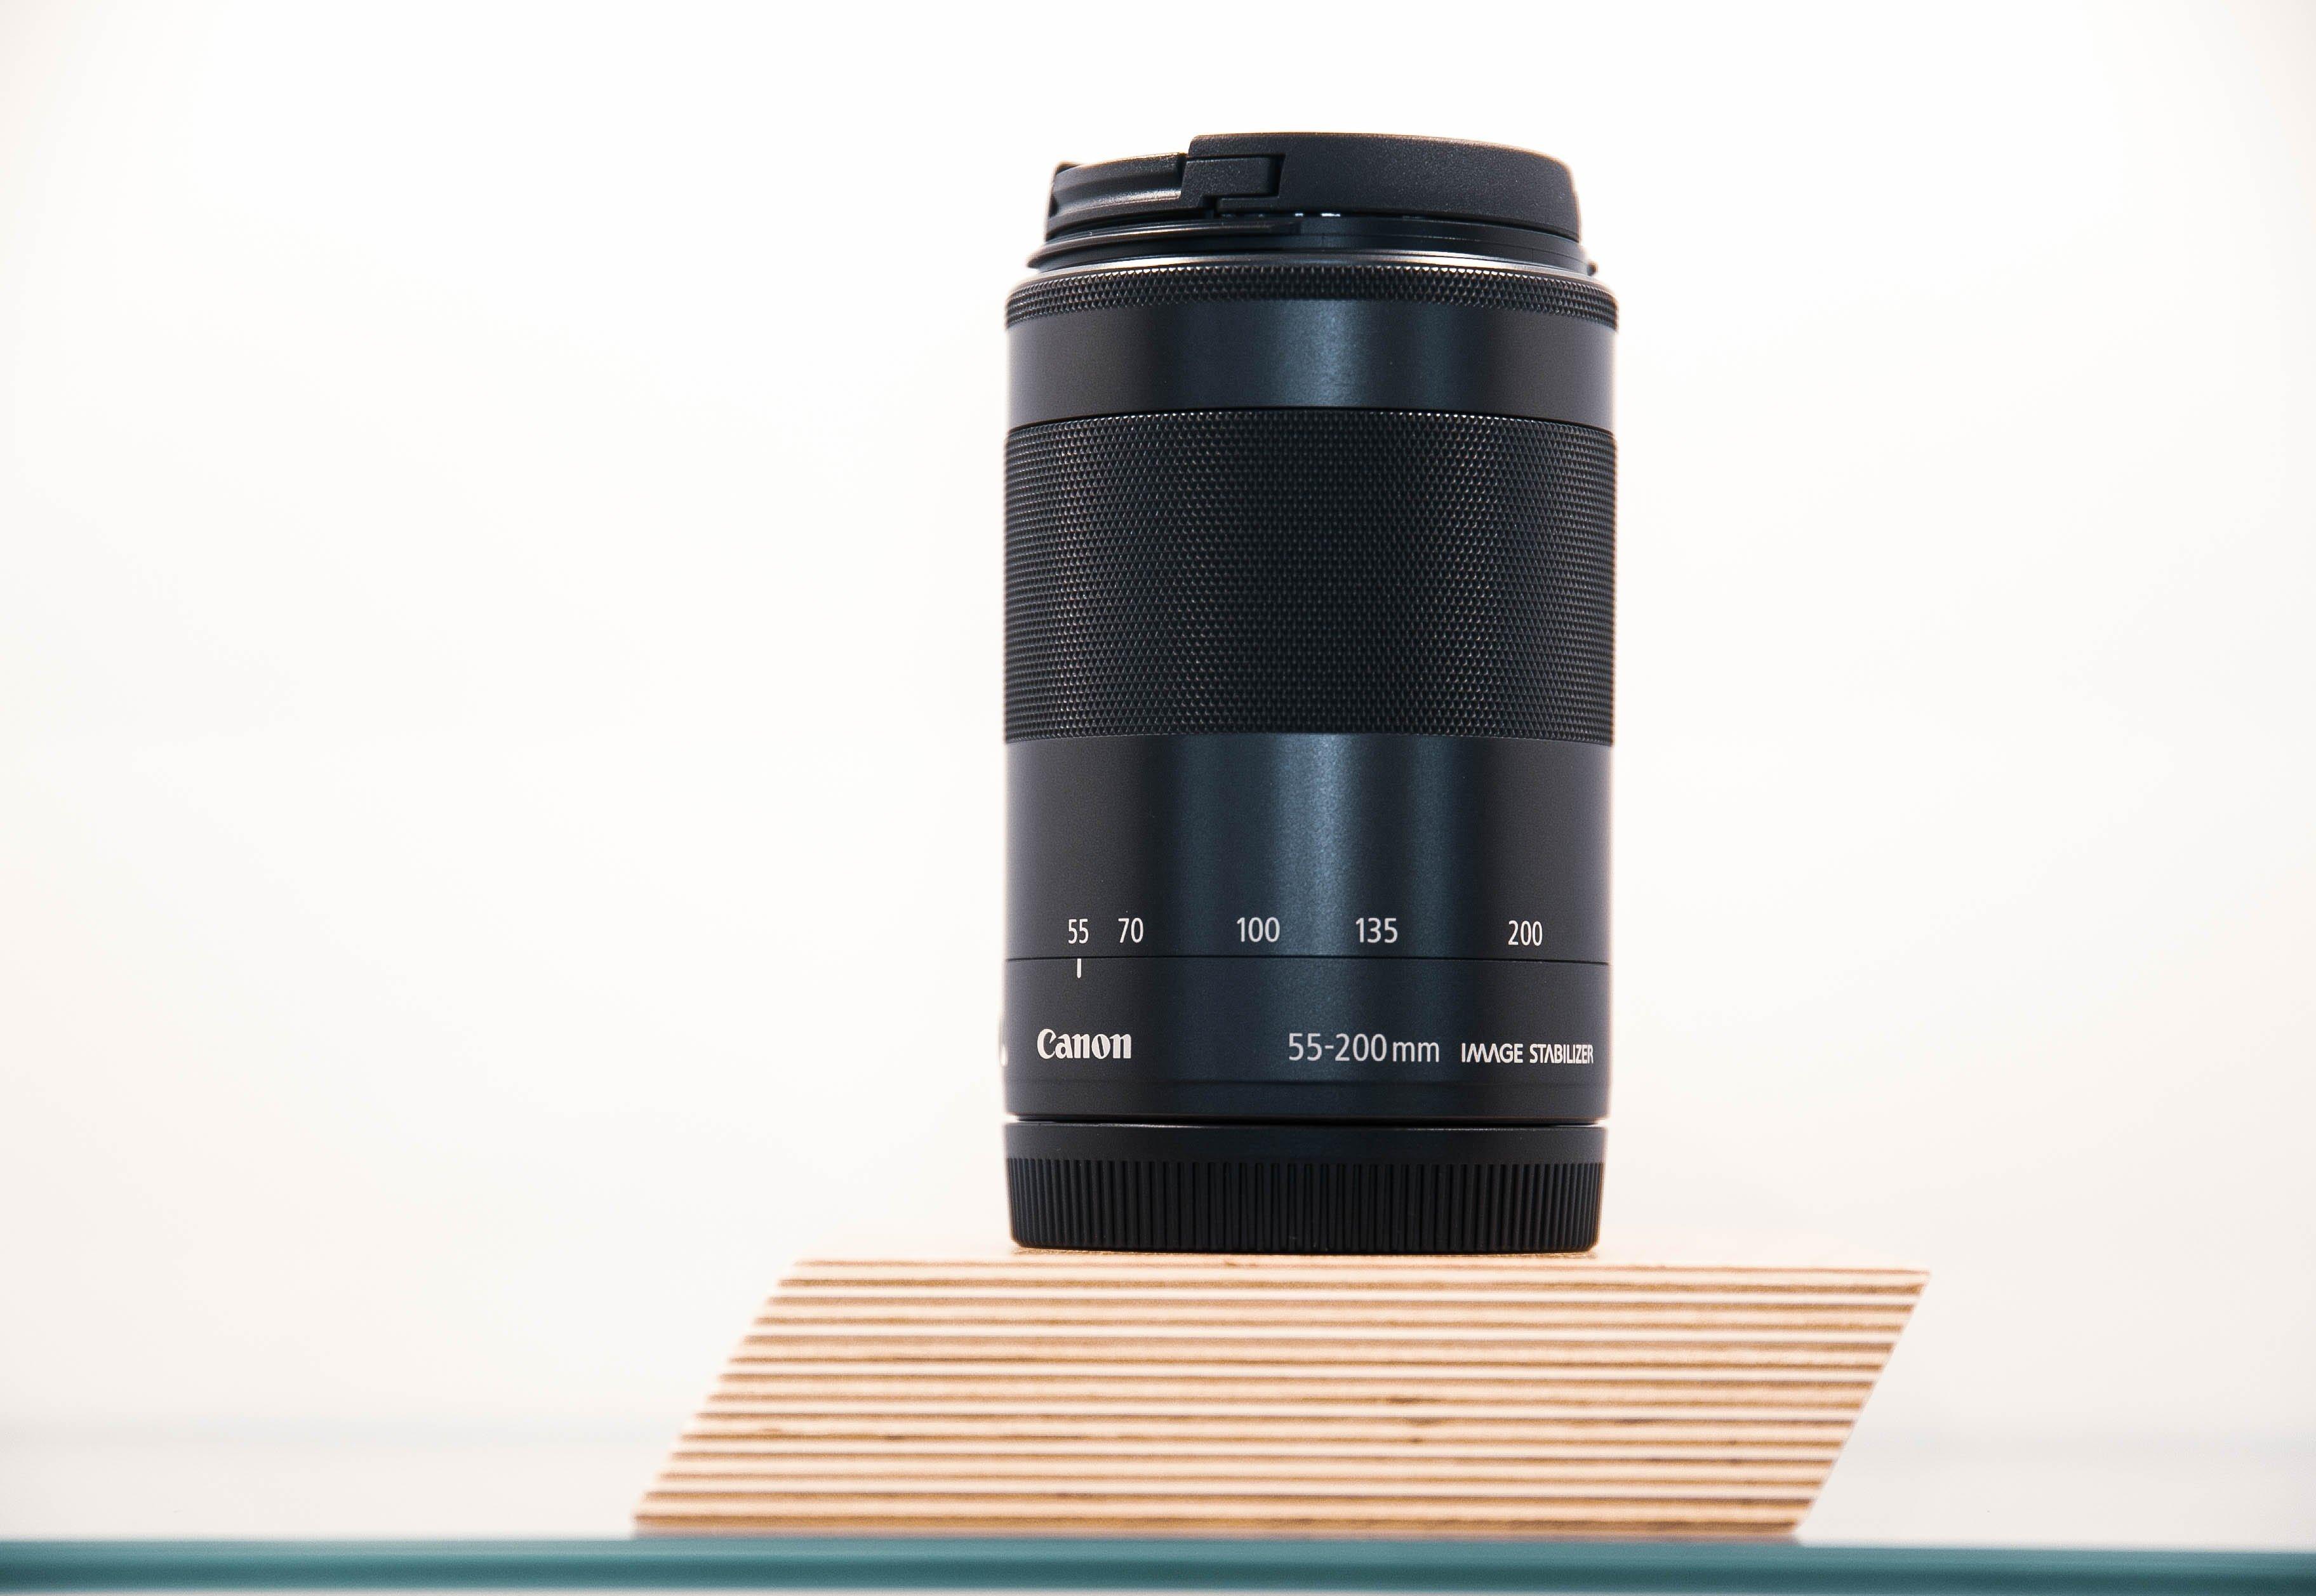 fbad044a6e7d PixShop   OCCASIONS CANON OCCASION - Canon EF-M 55-200 mm f 4,5-6,3...